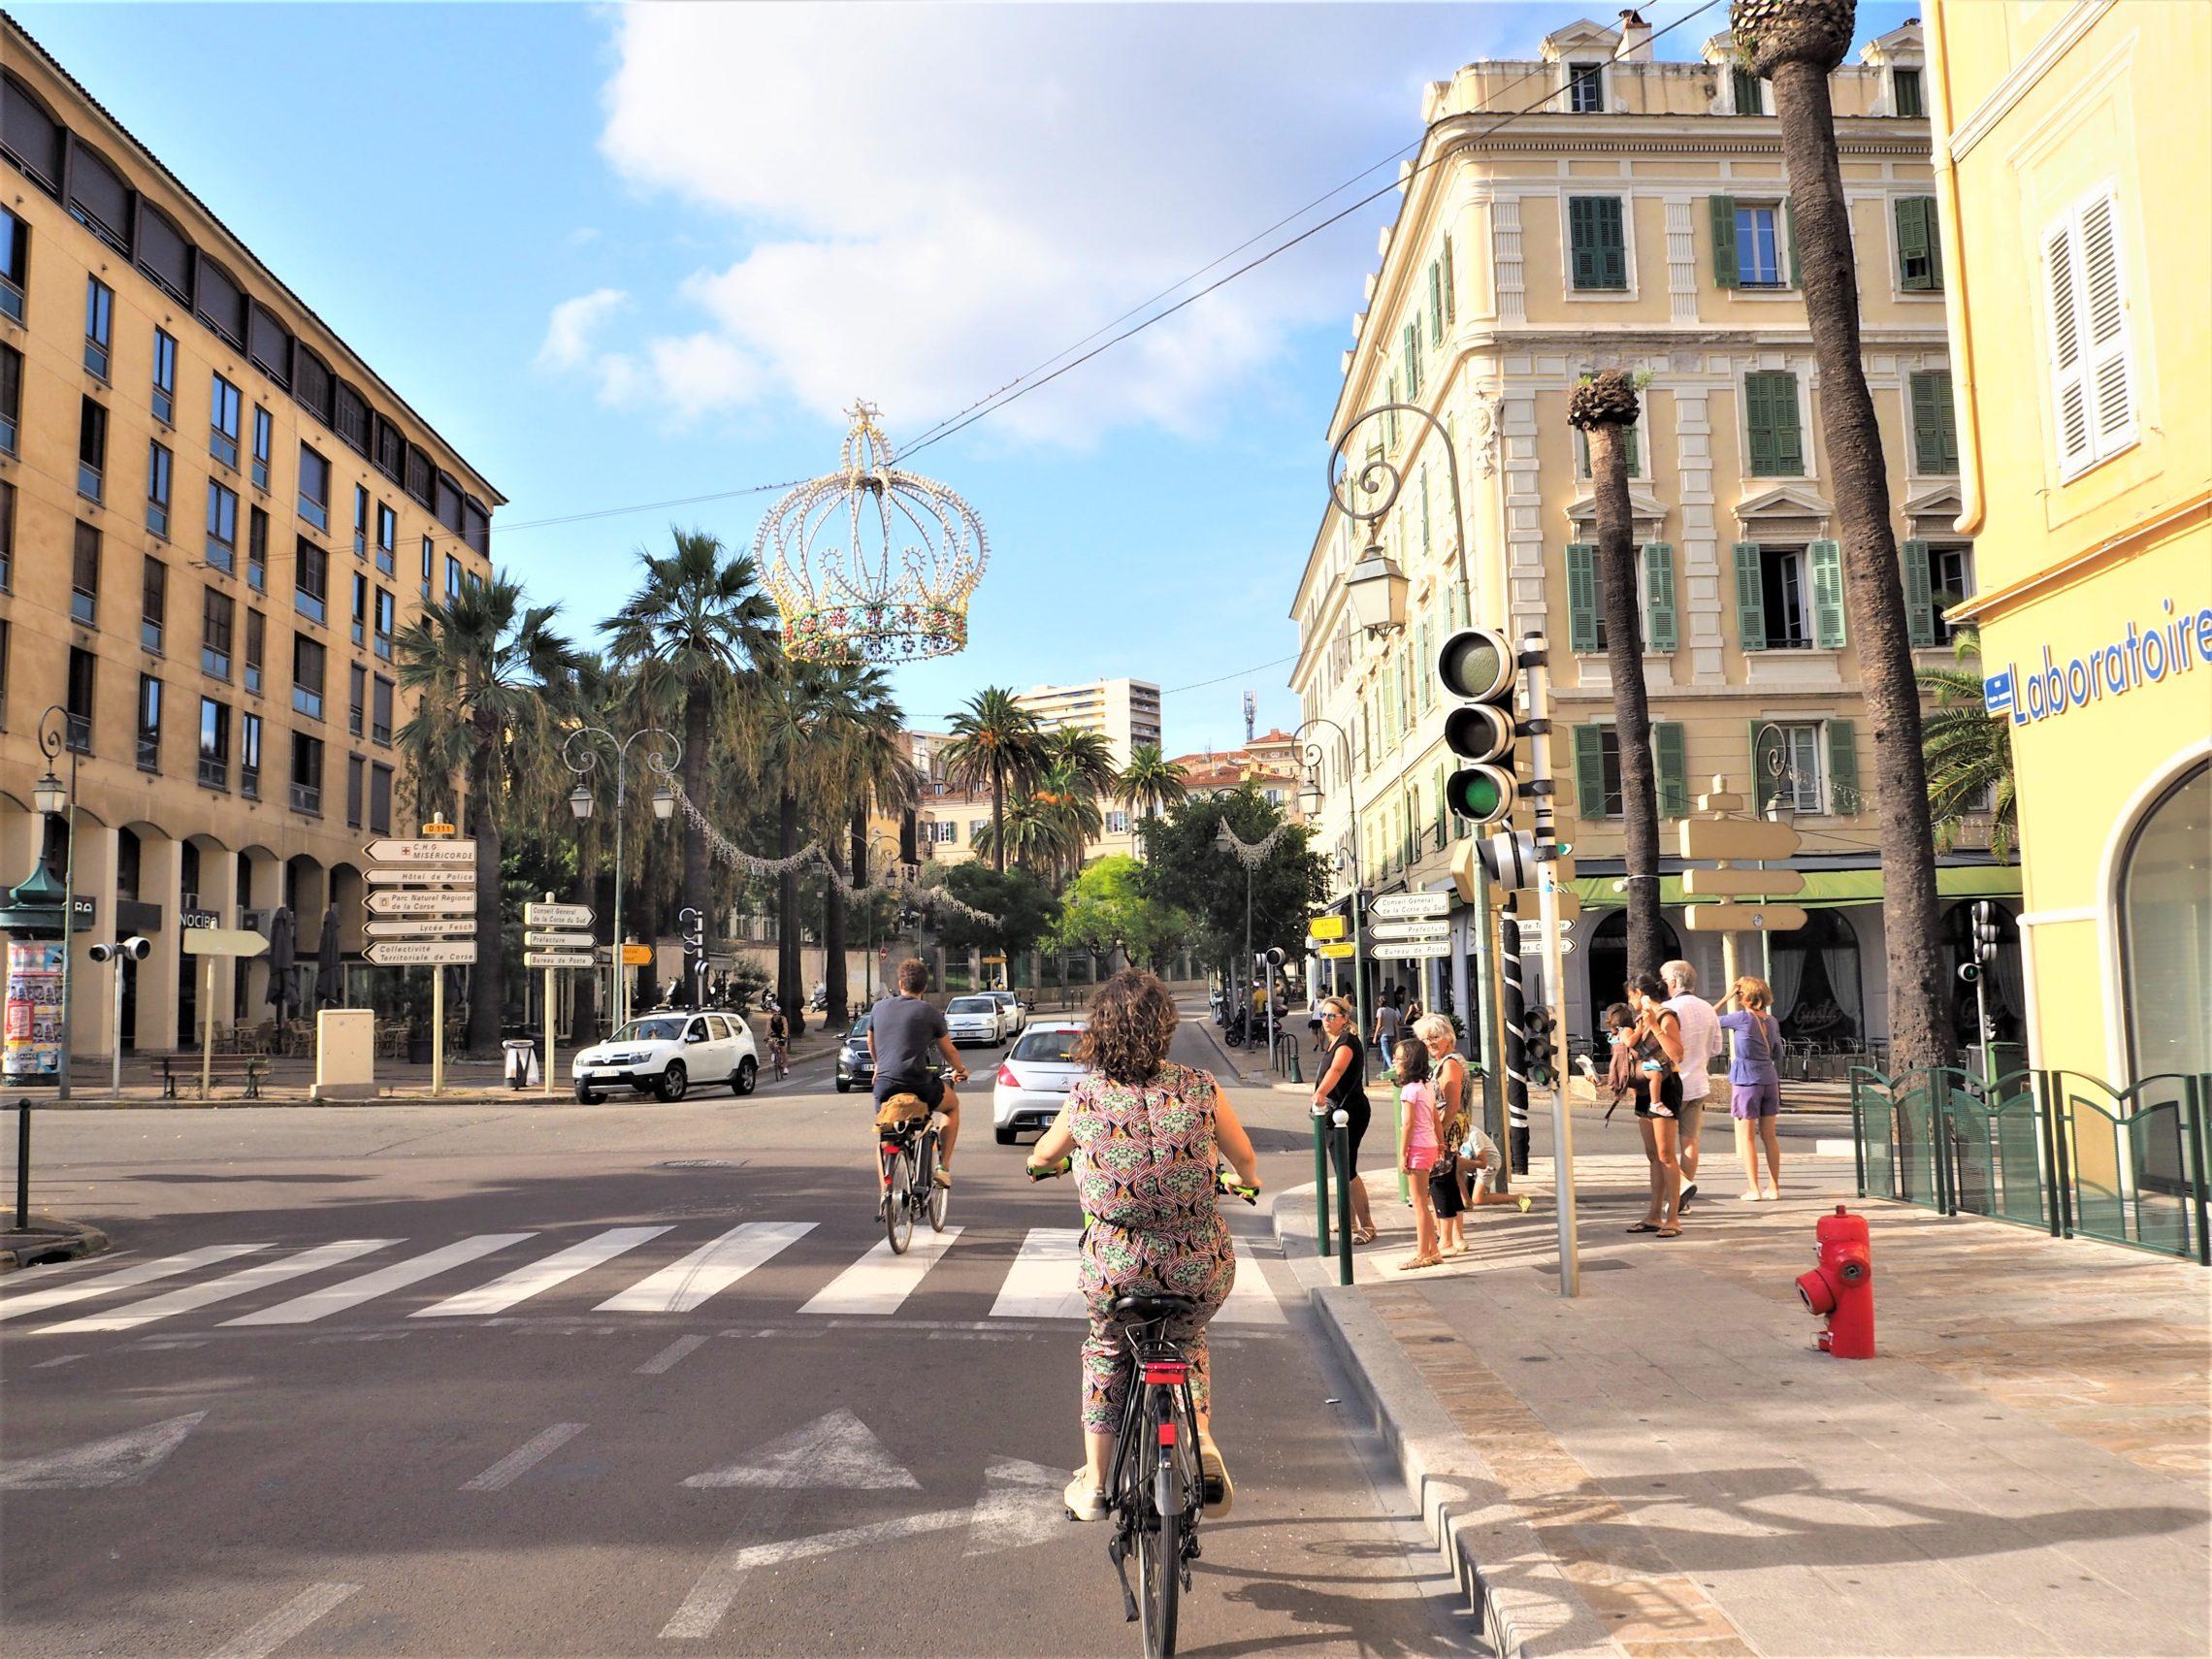 Ajaccio Cour Napoléon Corse voyage blog clioandco